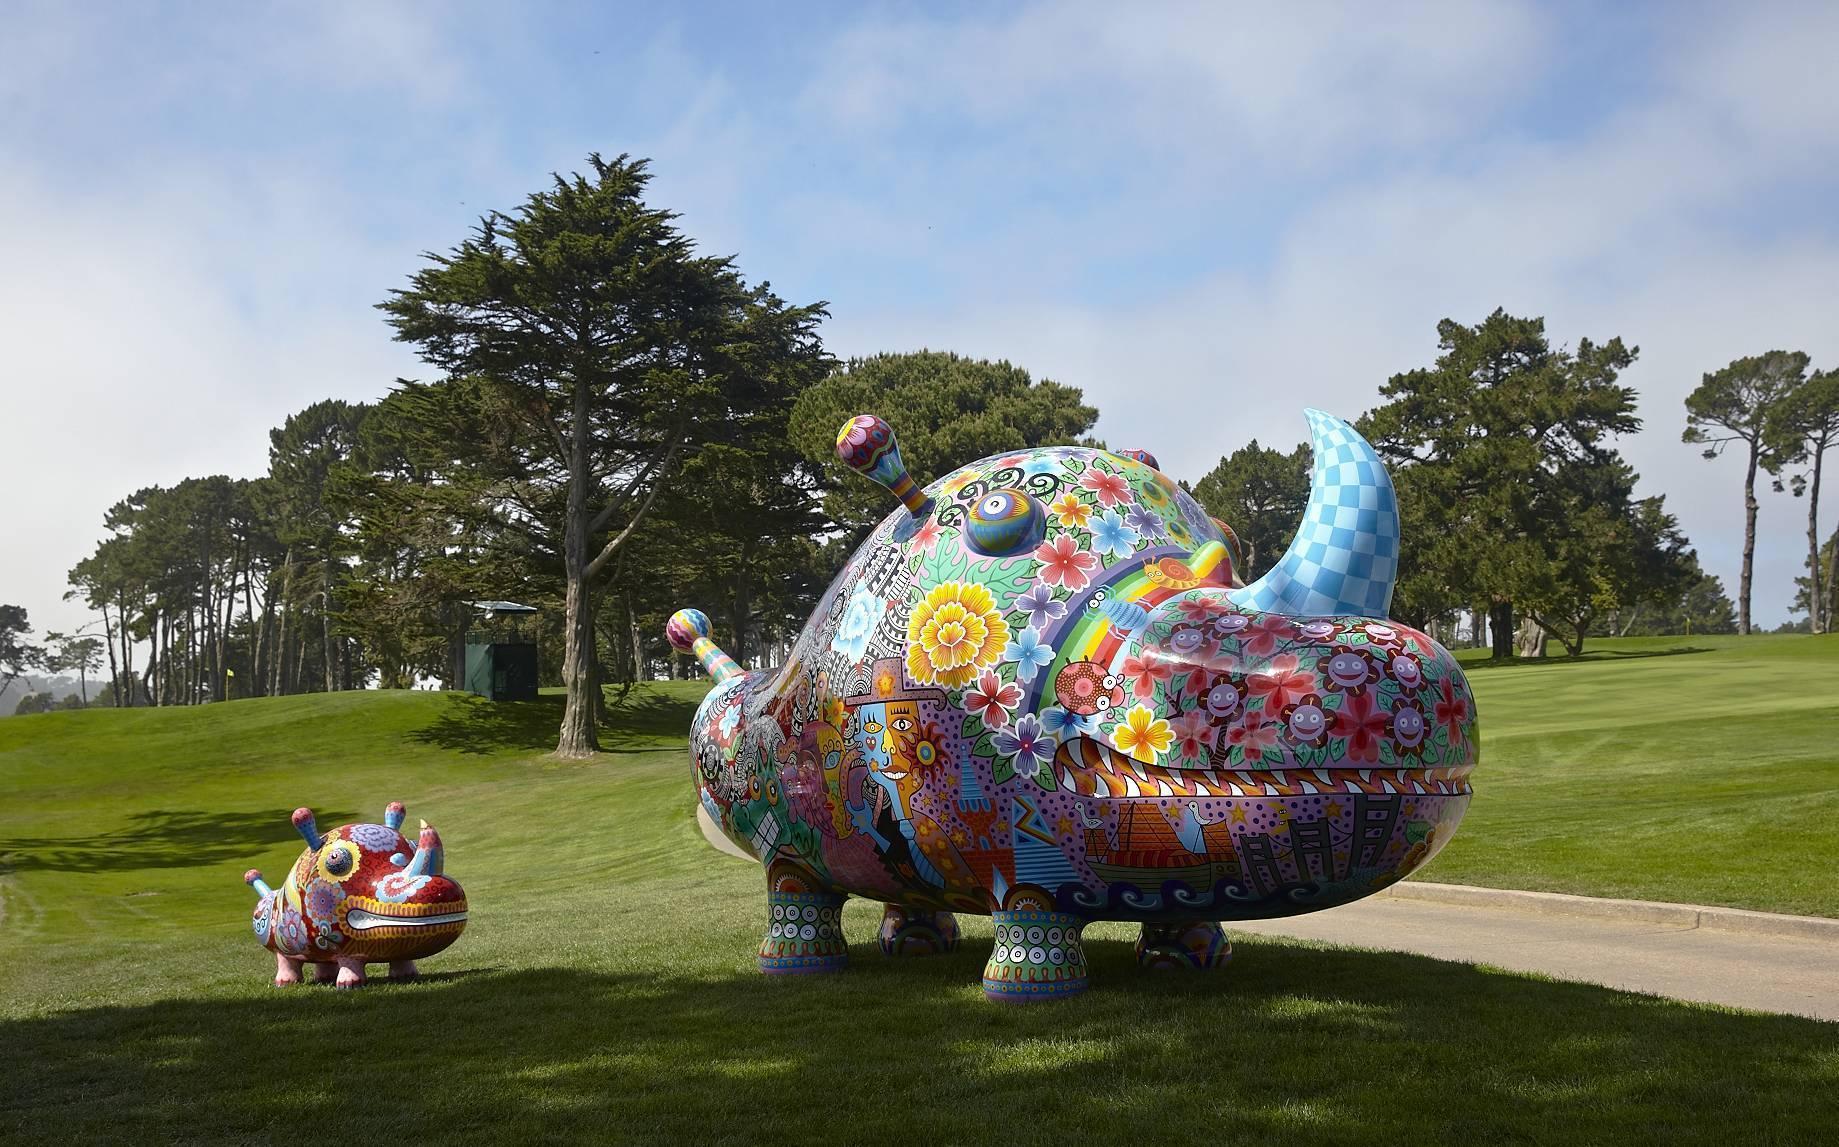 2014 舊金山默賽德湖球場 洪易犀牛大型作品群組 150x67x90cm、415x176x220cm